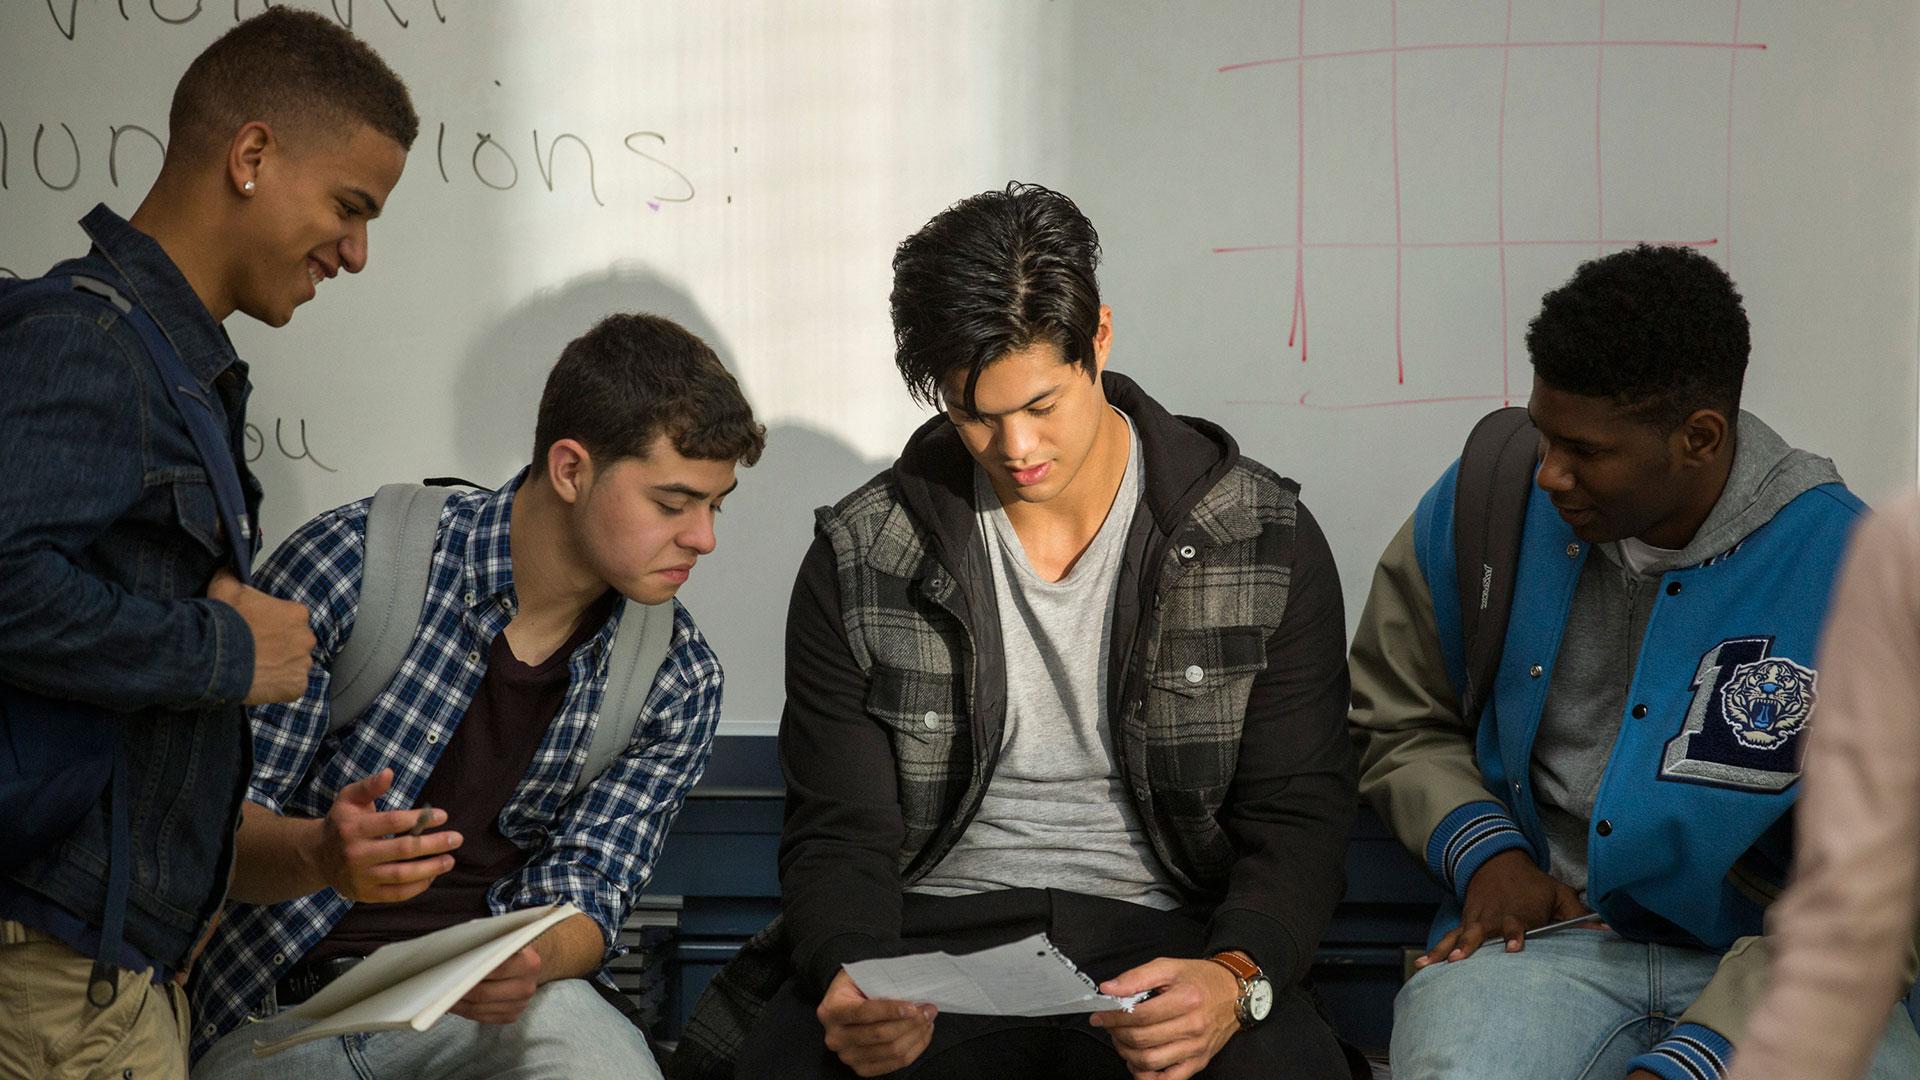 En liste noen gutter på skolen har lagd skaper problemer for Hannah. (Foto: Netflix)